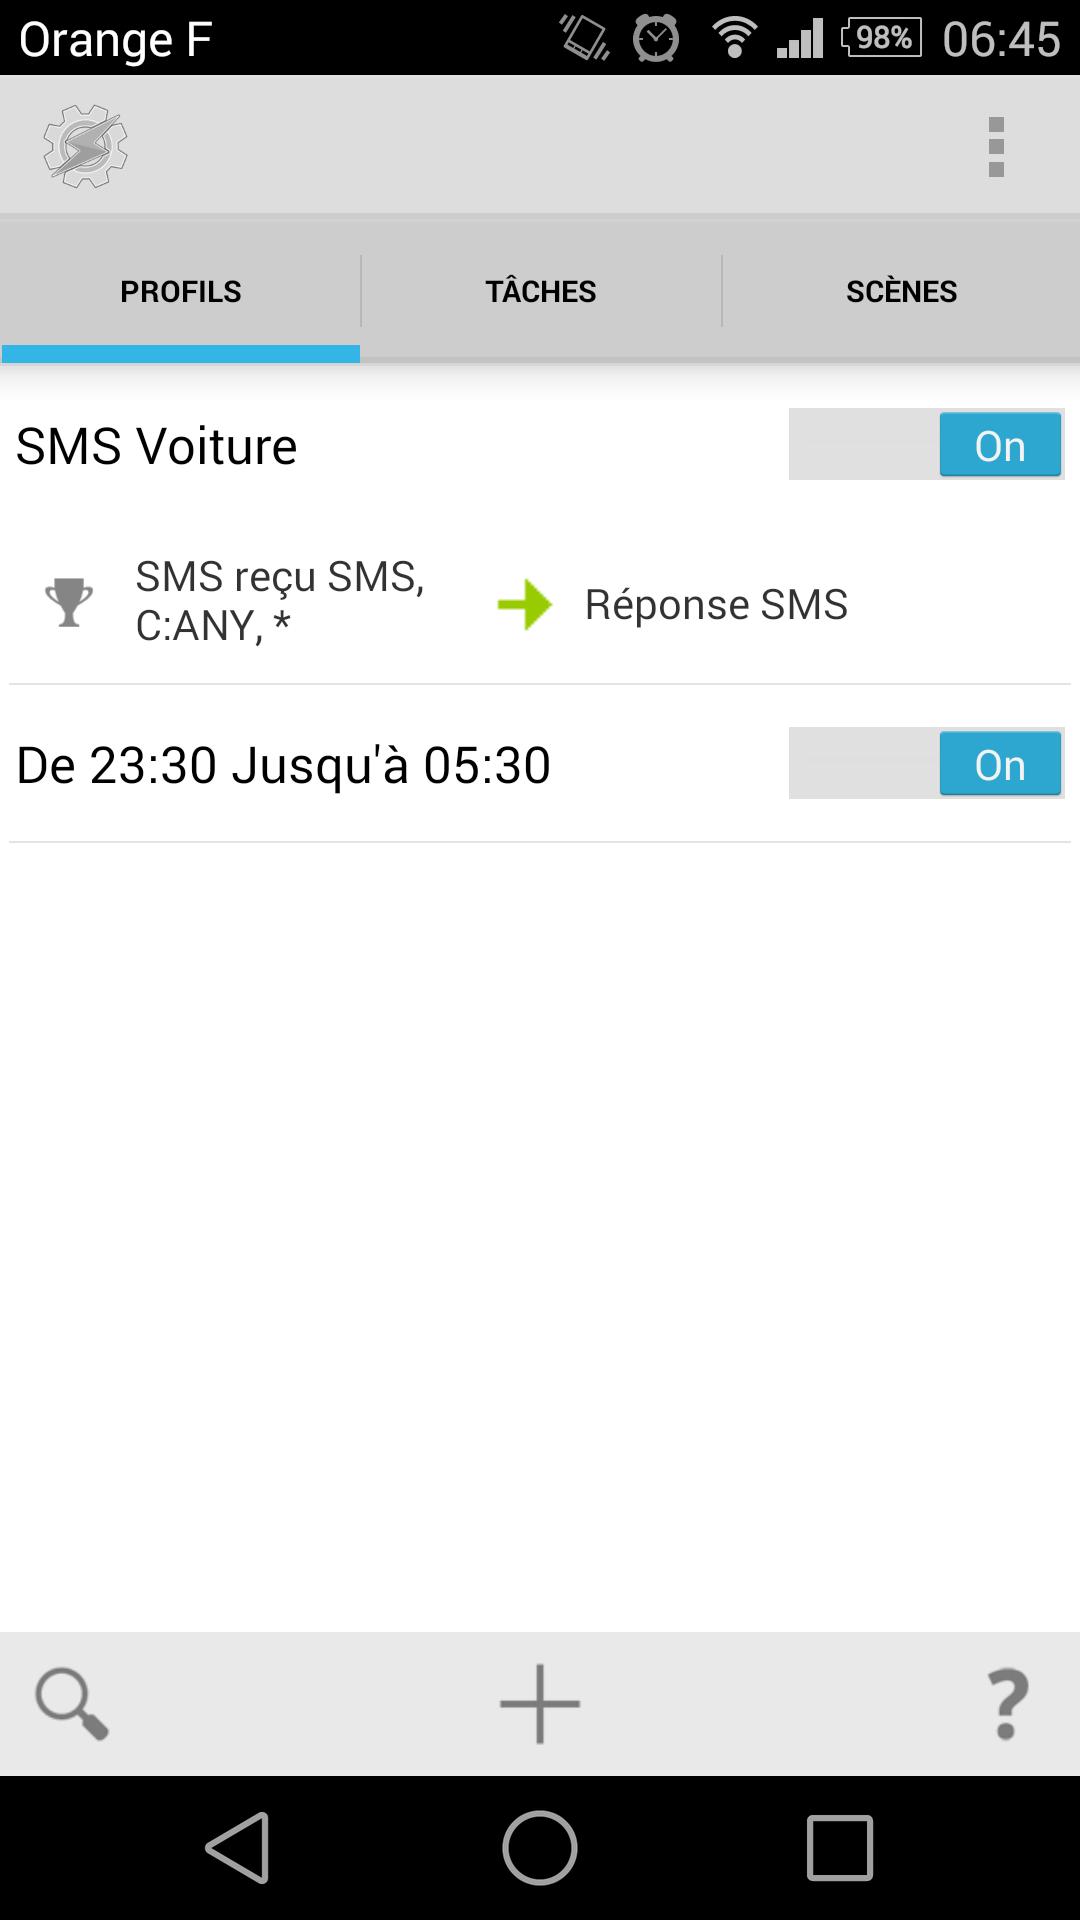 [APP] Tasker : Personnaliser et automatiser des tâches sous Android [Trial/Payant] - Page 6 1423029040-screenshot-2015-02-04-06-45-19